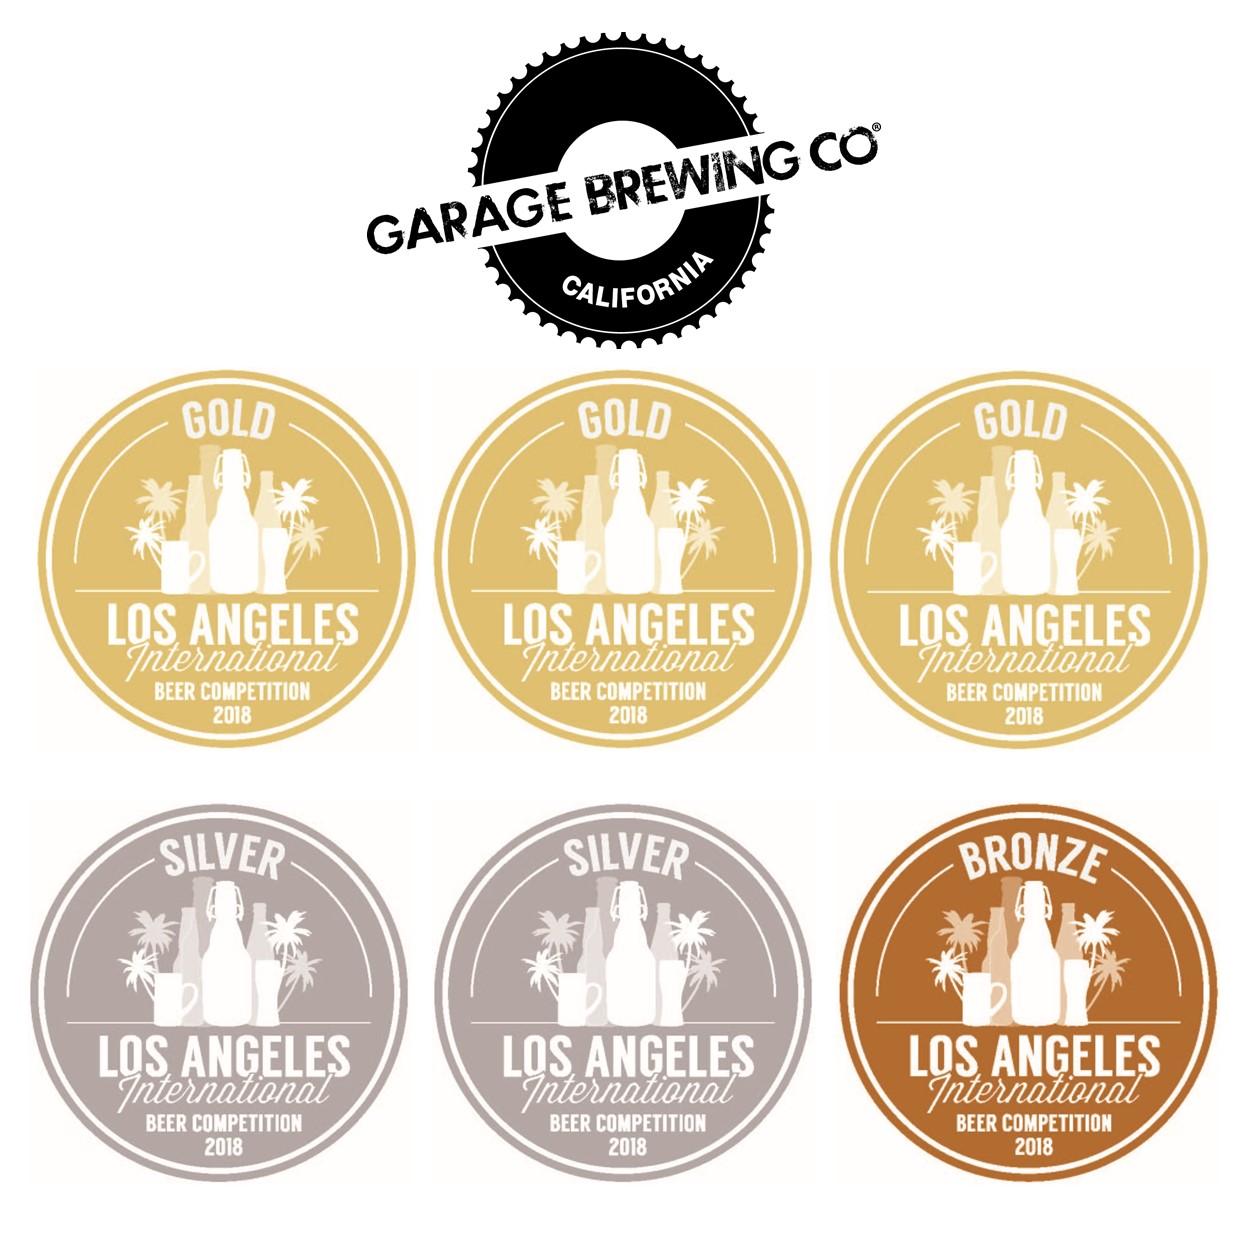 LA Beer Medals